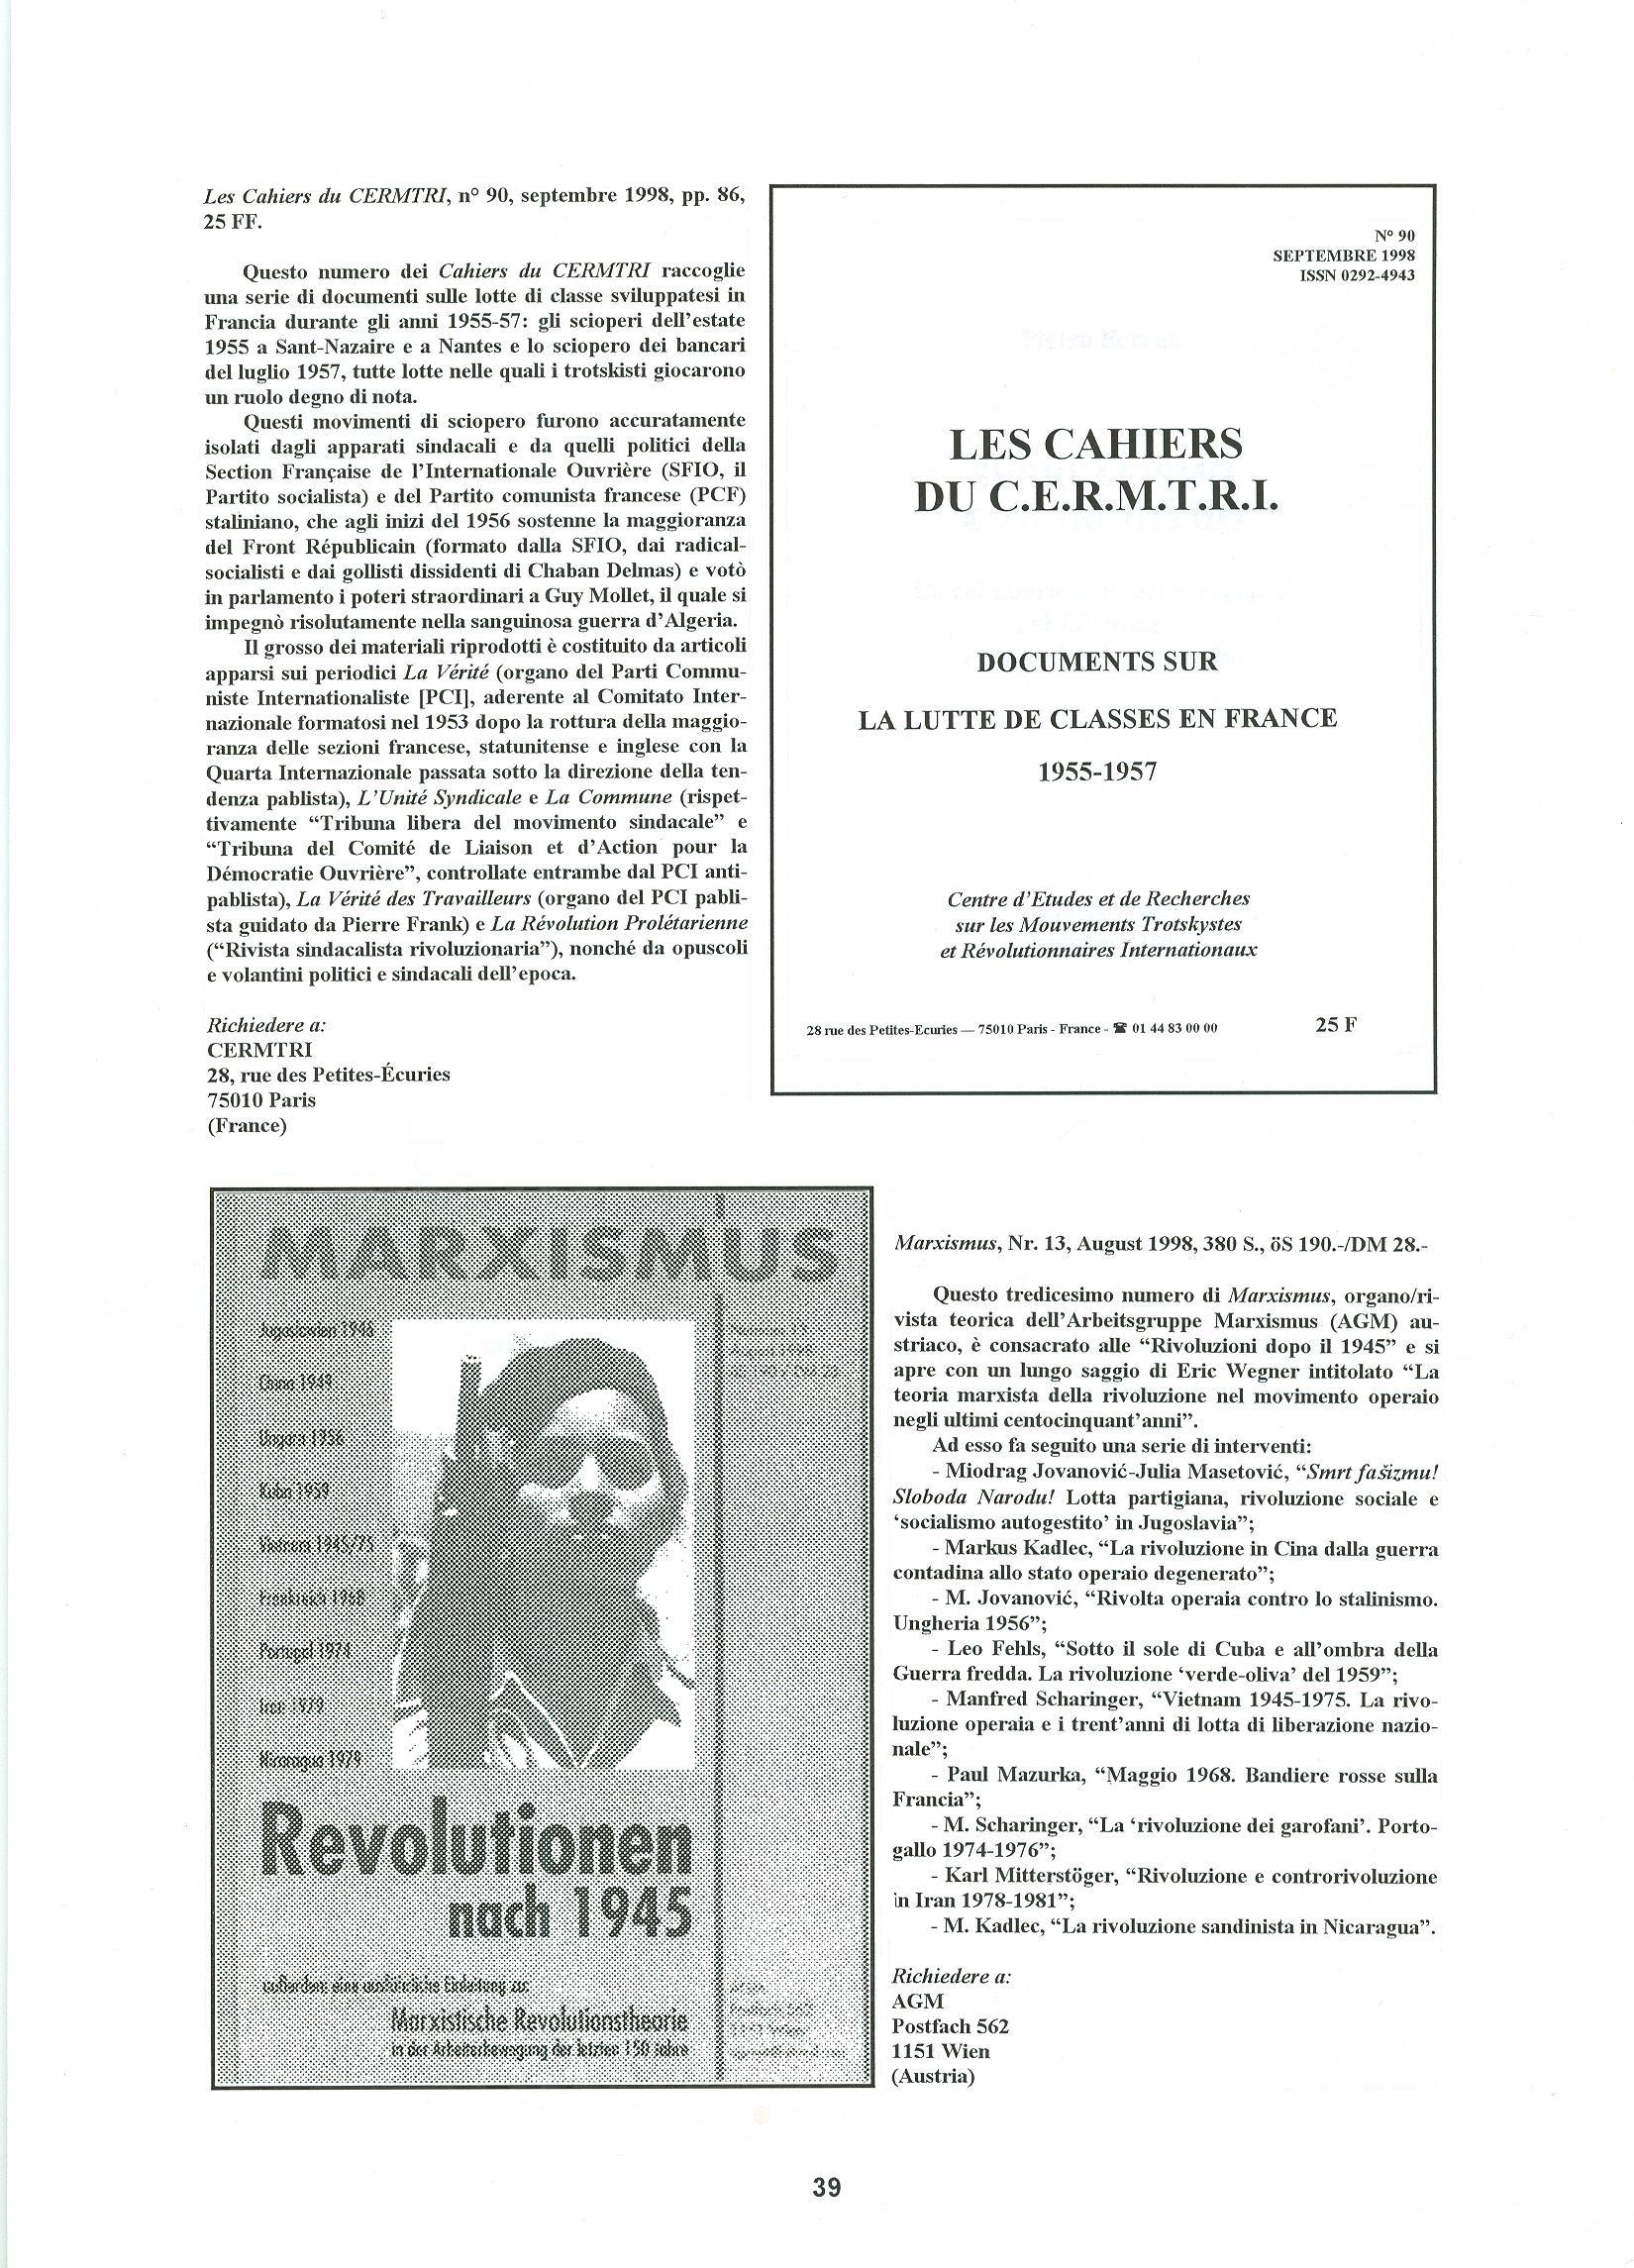 Quaderni del Centro Studi Pietro Tresso (1996-2009) n. 14 (novembre 1998) - pag. 40